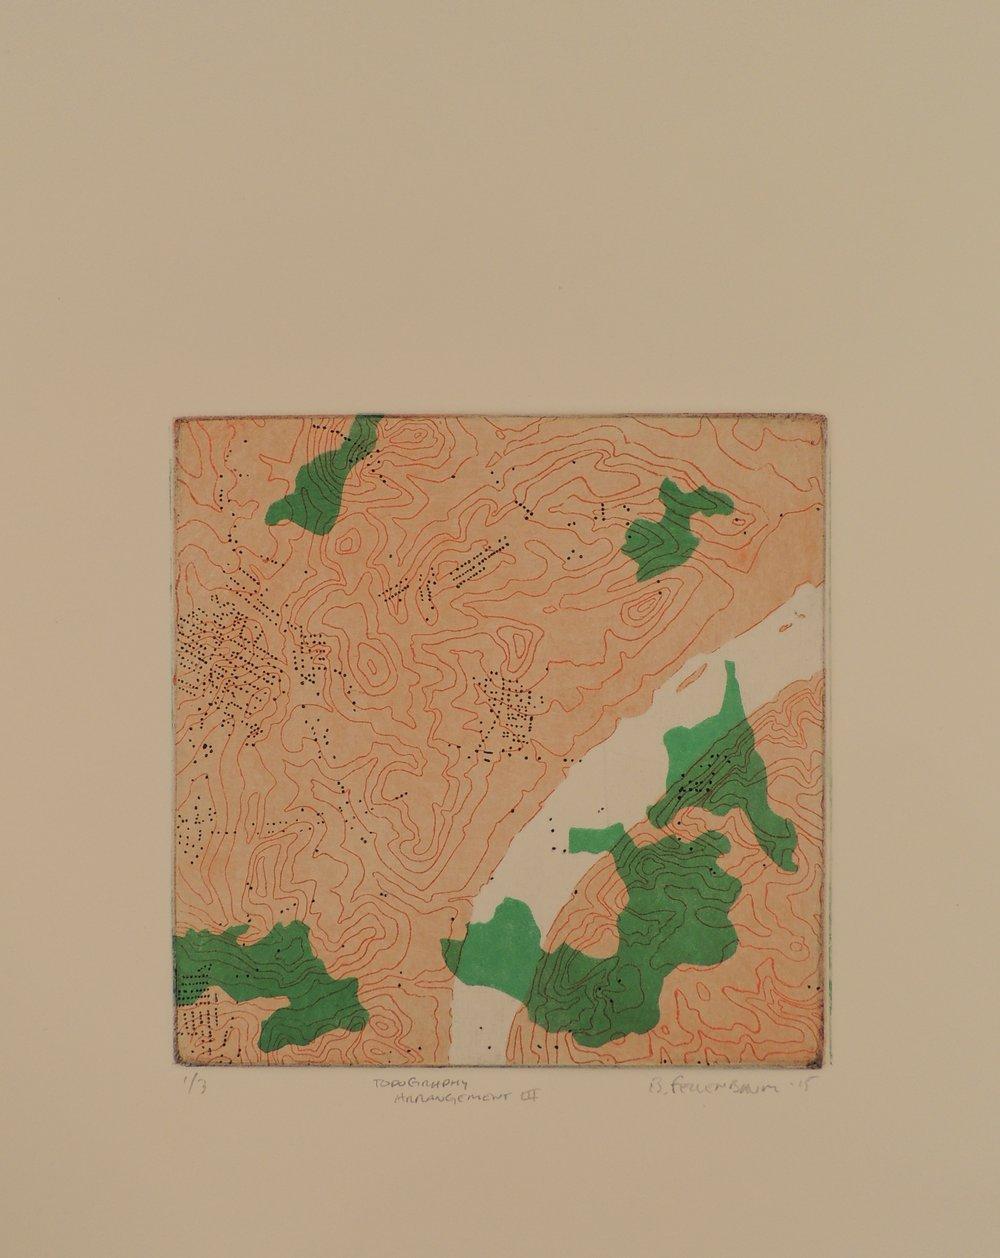 Topography Arrangement III